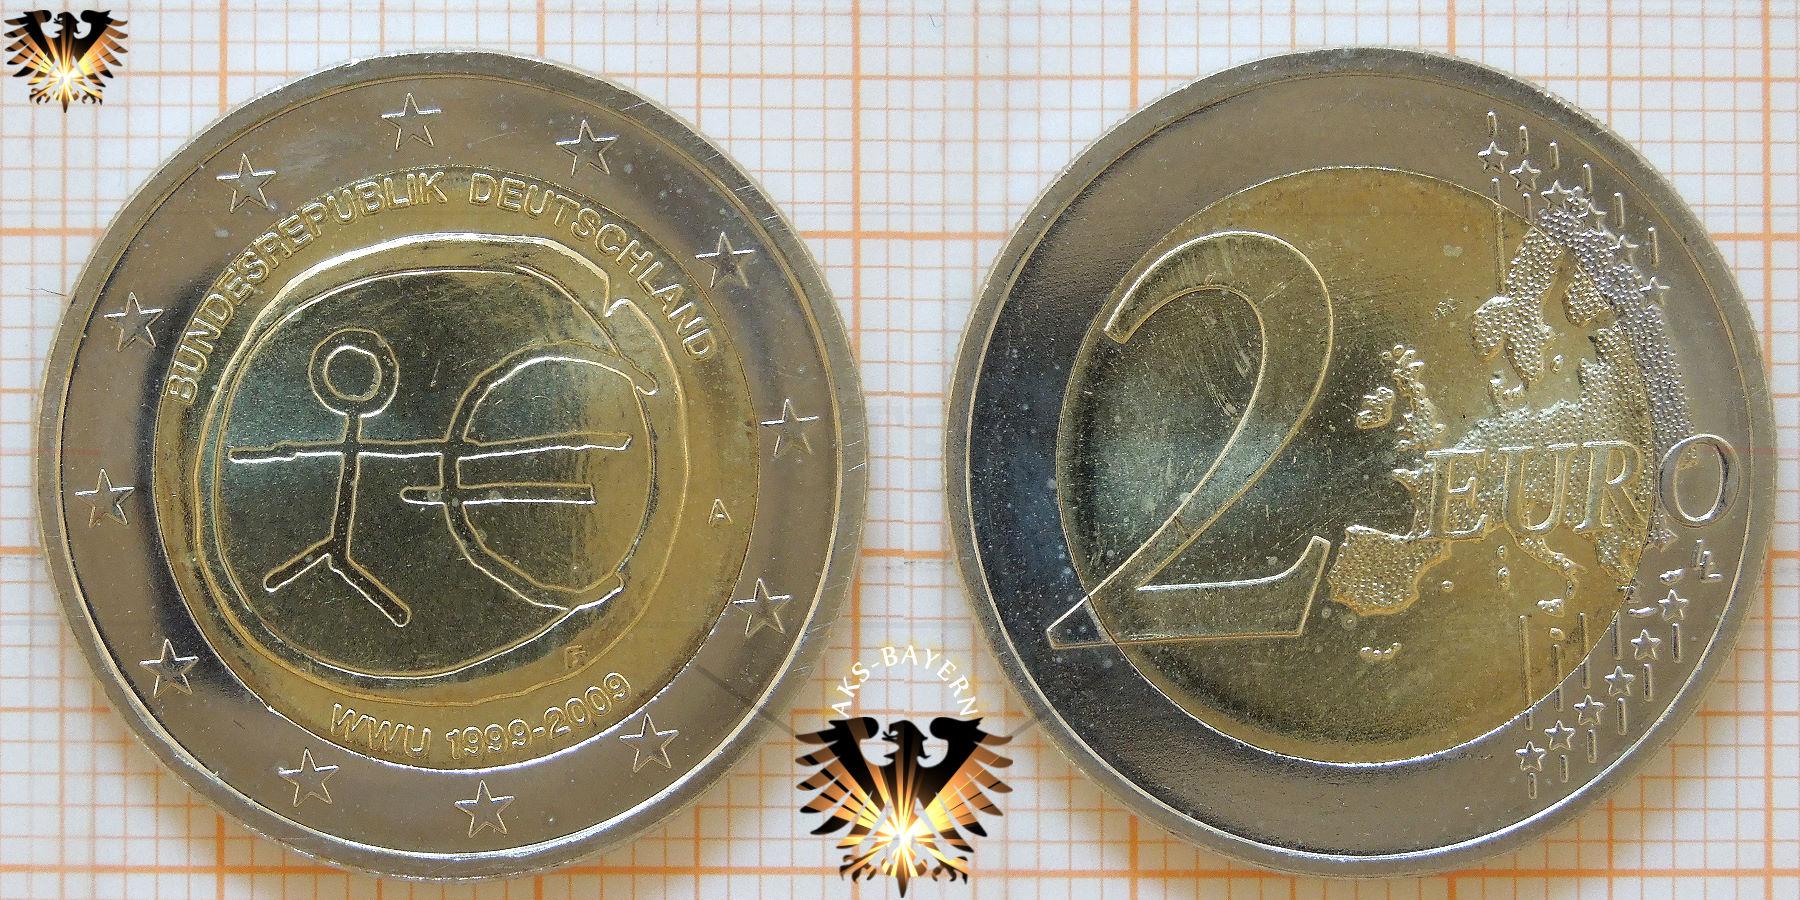 2 Brd 2009 A D F G J Gedenkmünze 10 Jahre Europäische